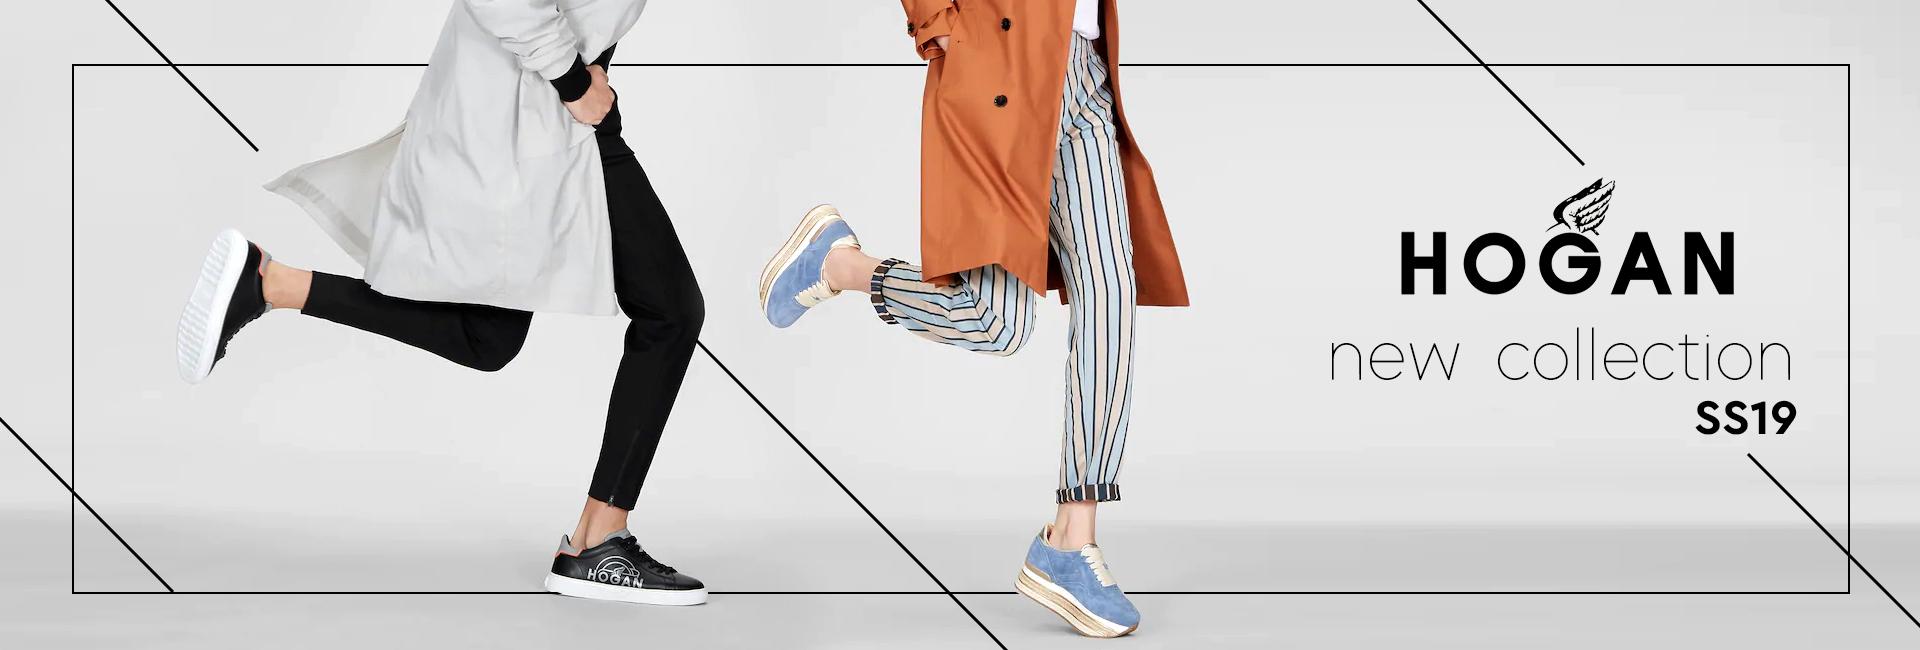 422b6db2943 γυναικεία παπούτσια marron